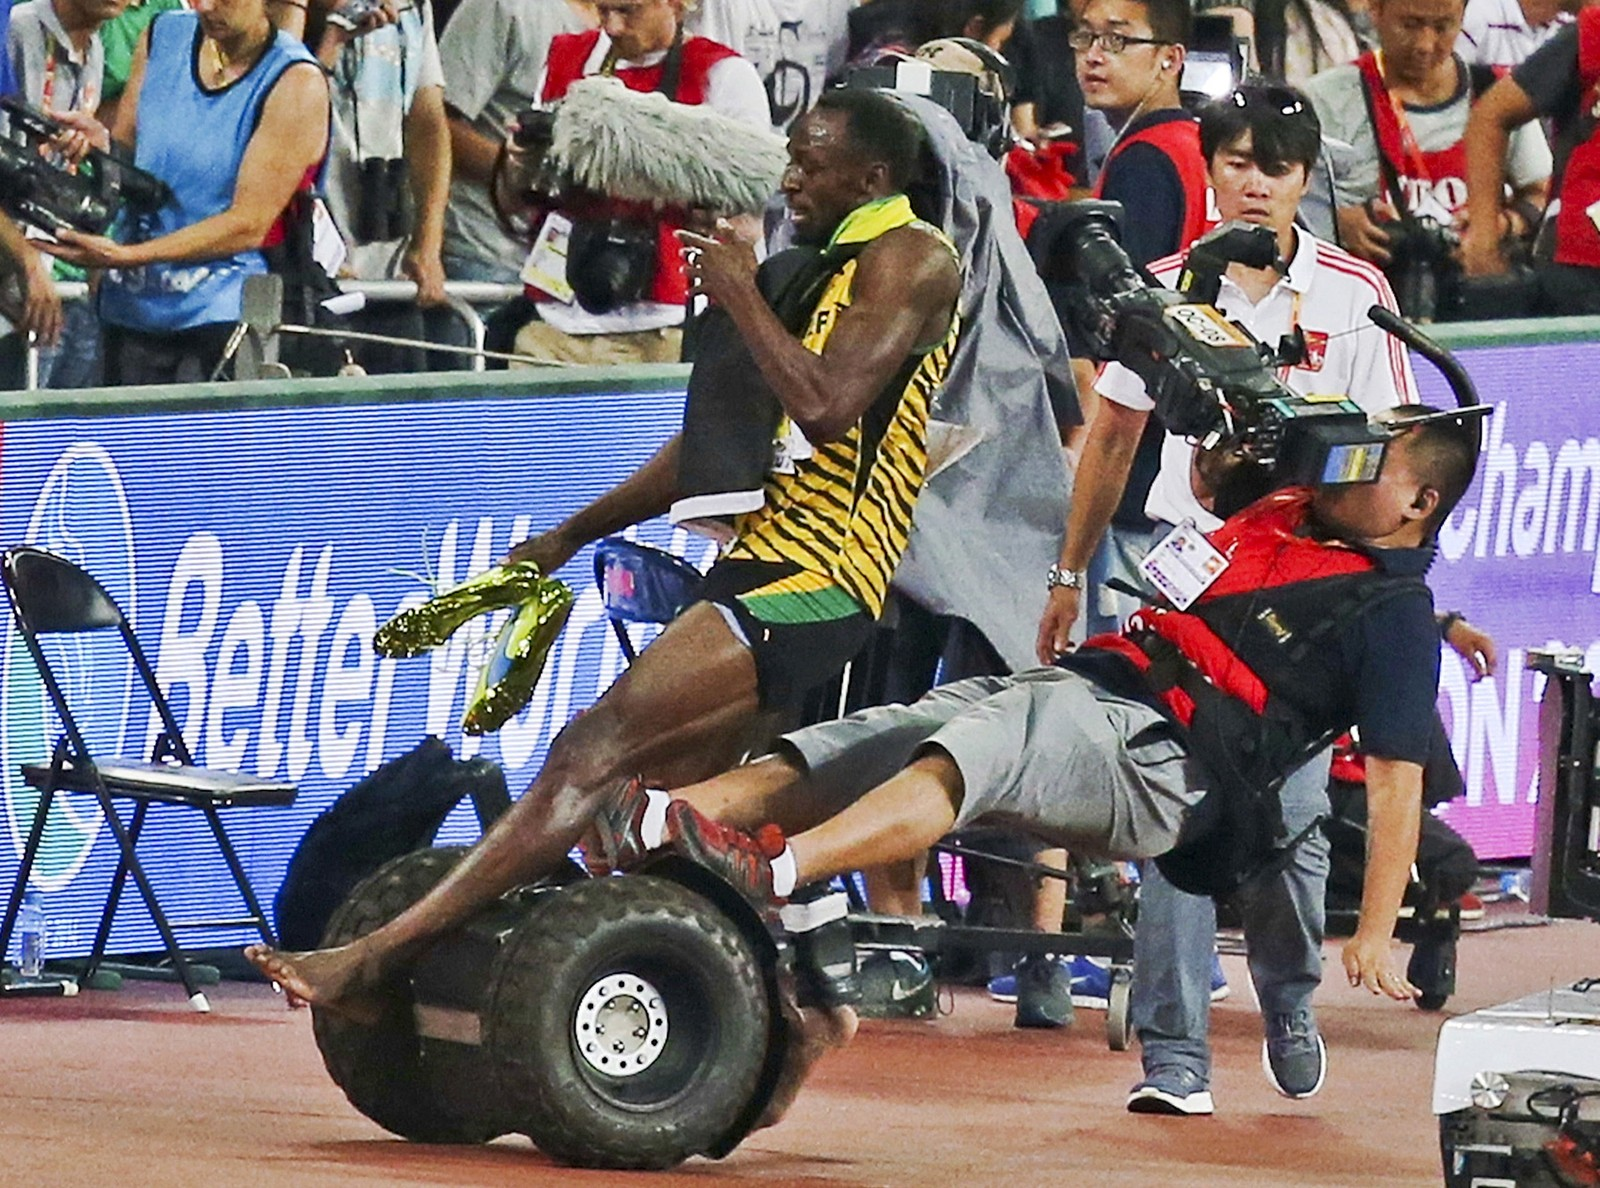 Rett etter at han løp inn til VM-gull på 200 meter ble Usain Bolt påkjørt av en TV-fotograf på segway. Bildene fra VM i Beijing gikk verden rundt og dagen etter fikk kameramannen sagt unnskyld til en uskadet Bolt.